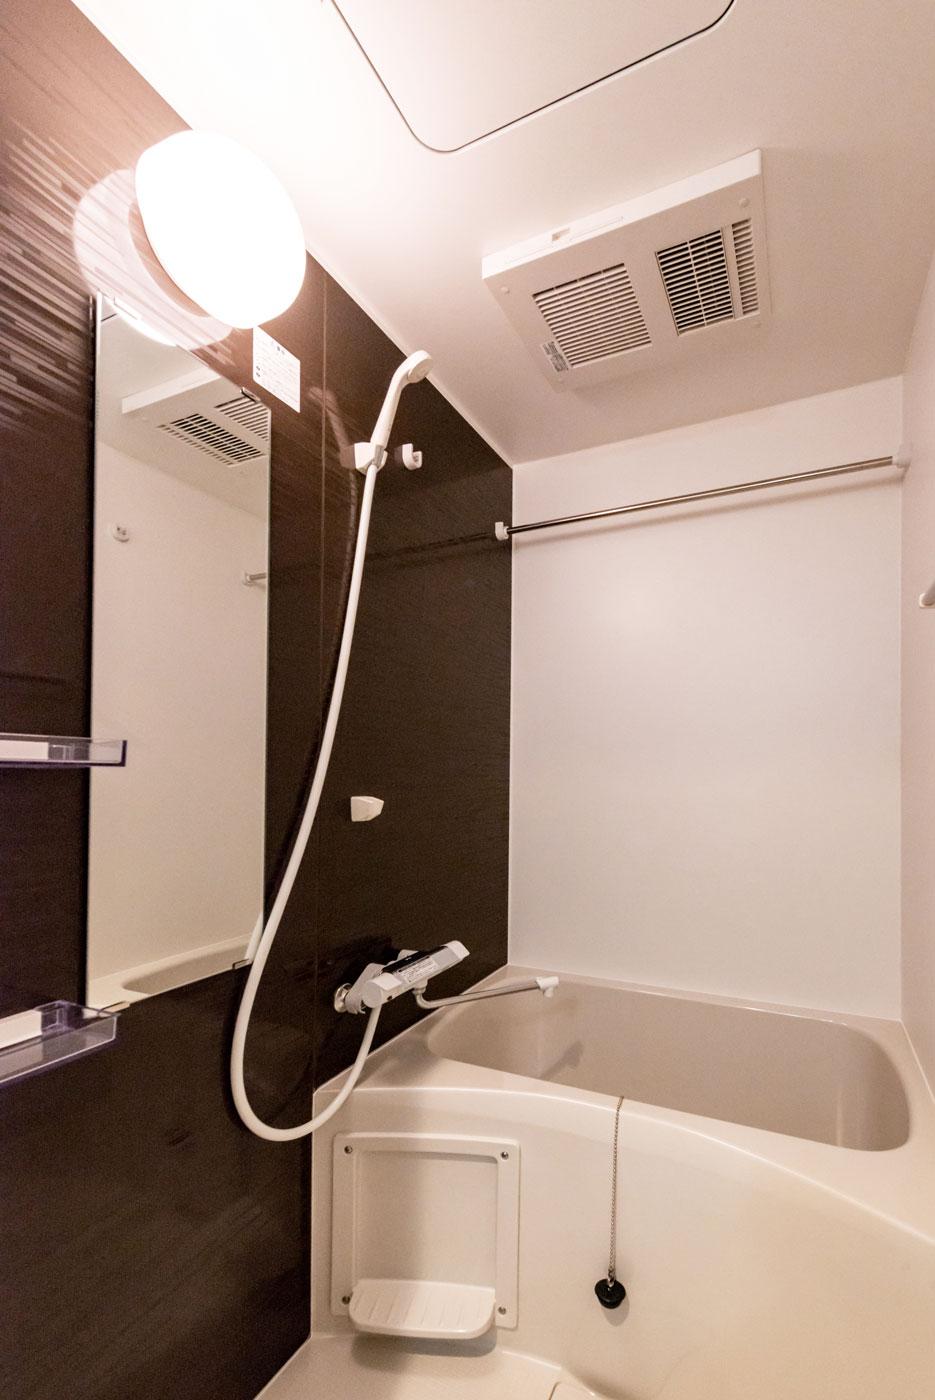 403-6 浴室